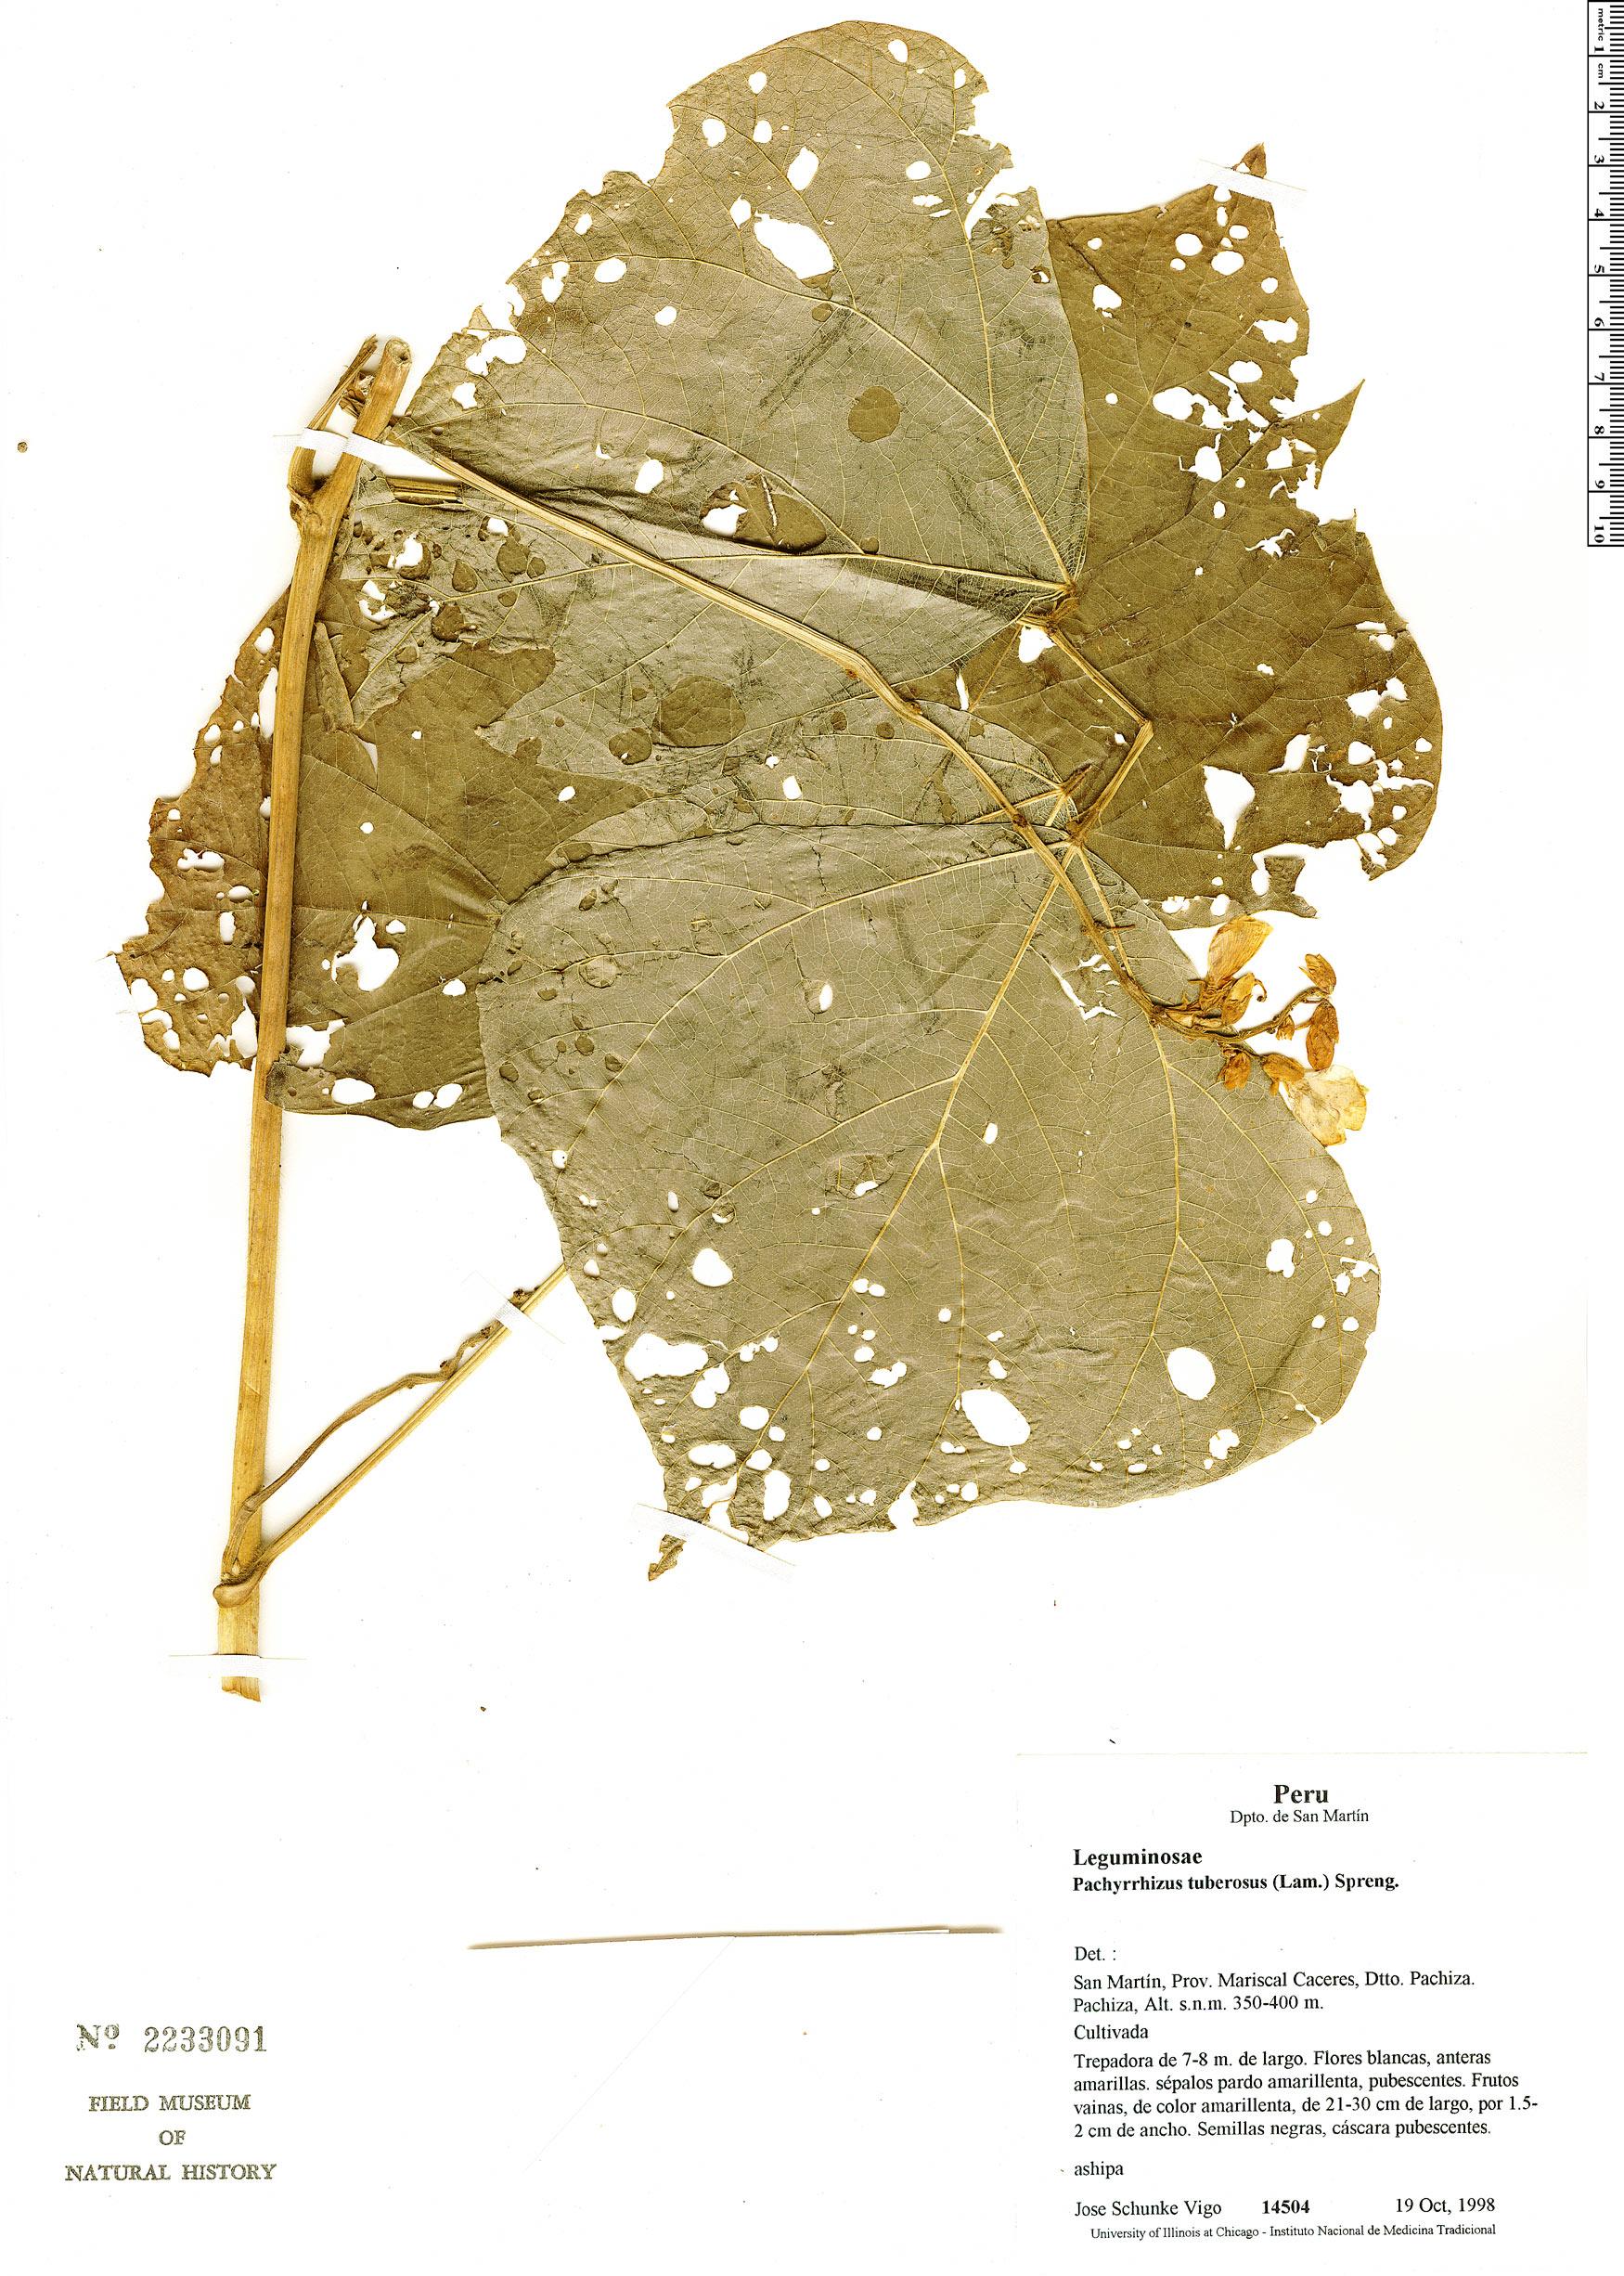 Specimen: Pachyrhizus tuberosus